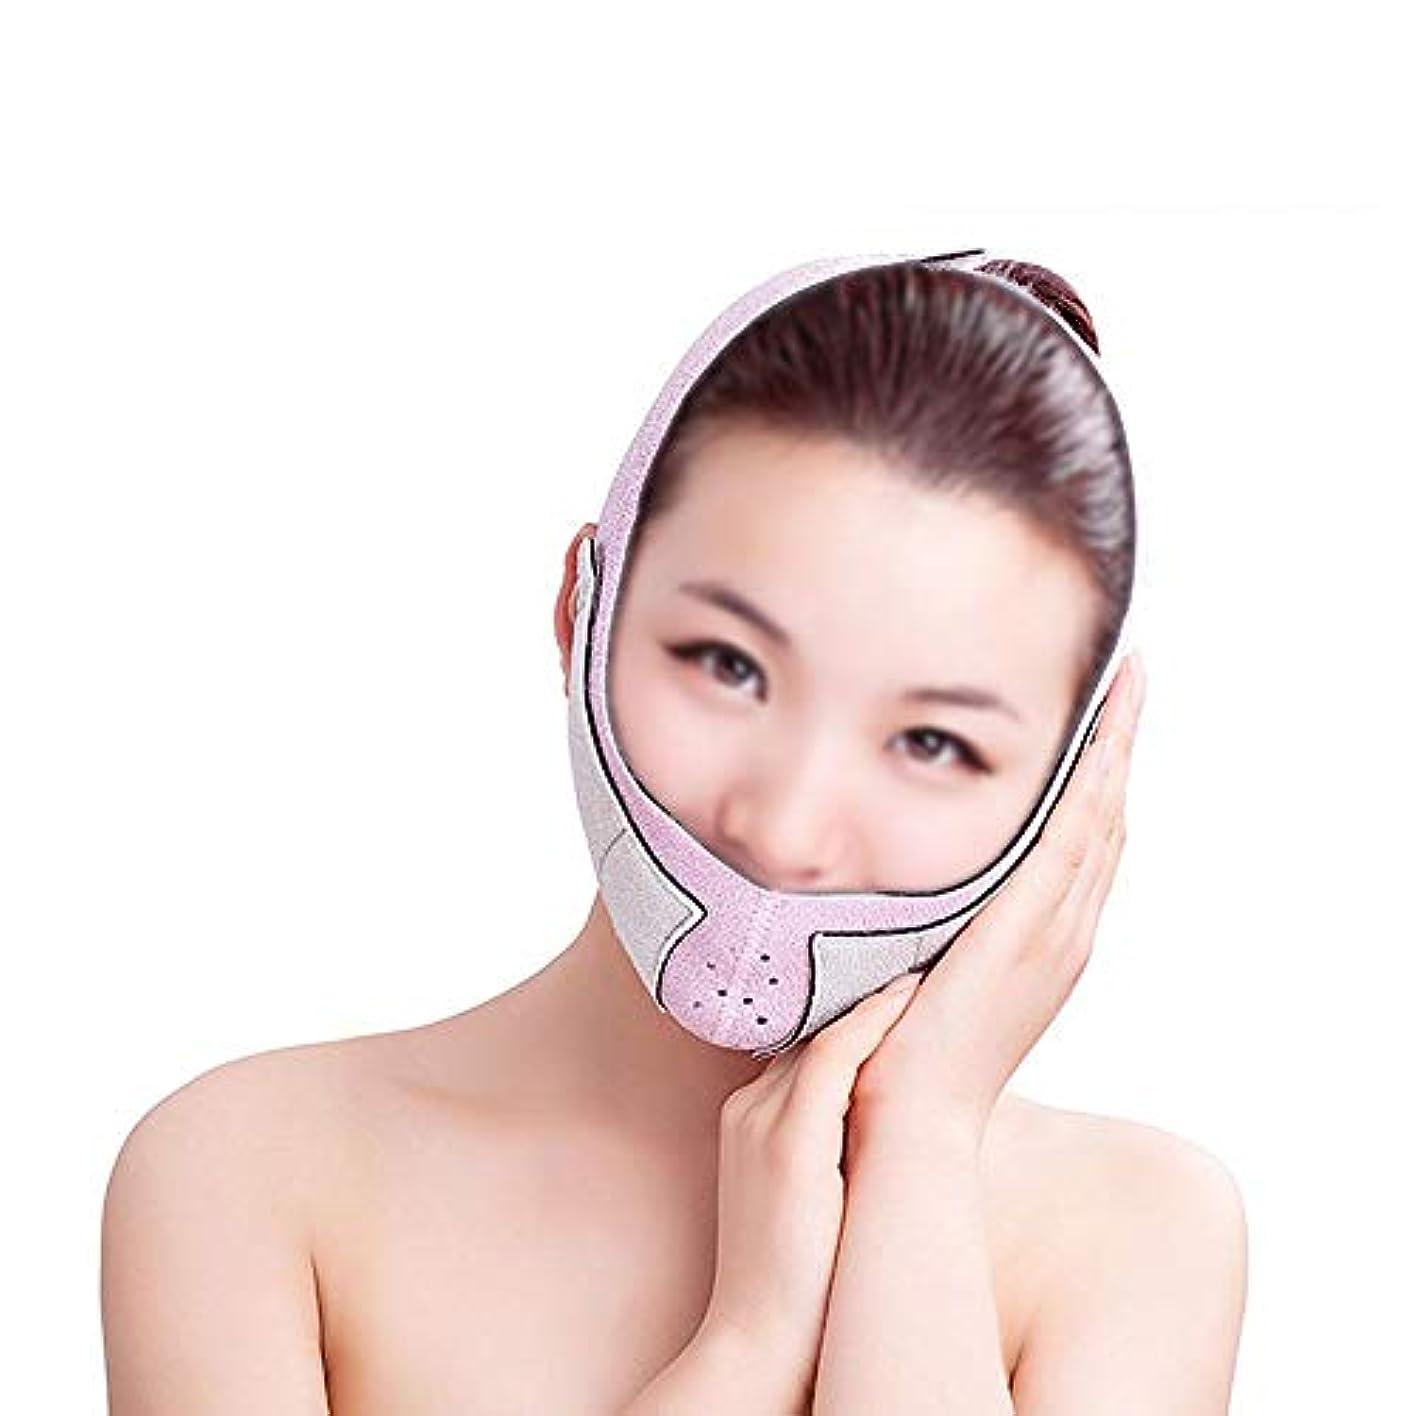 インカ帝国農学後退するTLMY 薄い顔マスク痩身ベルト薄い顔マスク強力なアップグレード小さいV顔薄い顔包帯美容顔デバイス 顔用整形マスク